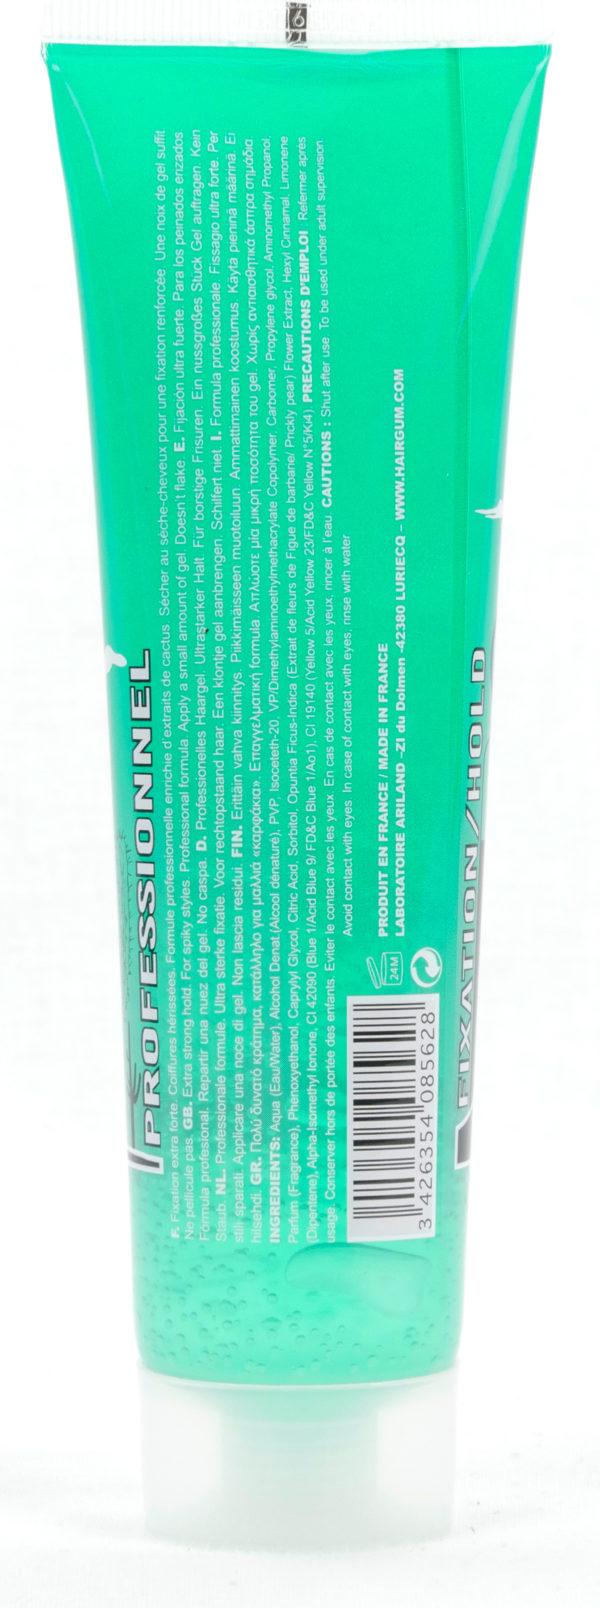 Gel Coiffant - Fixation Extra Forte - Cactus - 100g - Coiffures hérissées - Formule Professionnelle